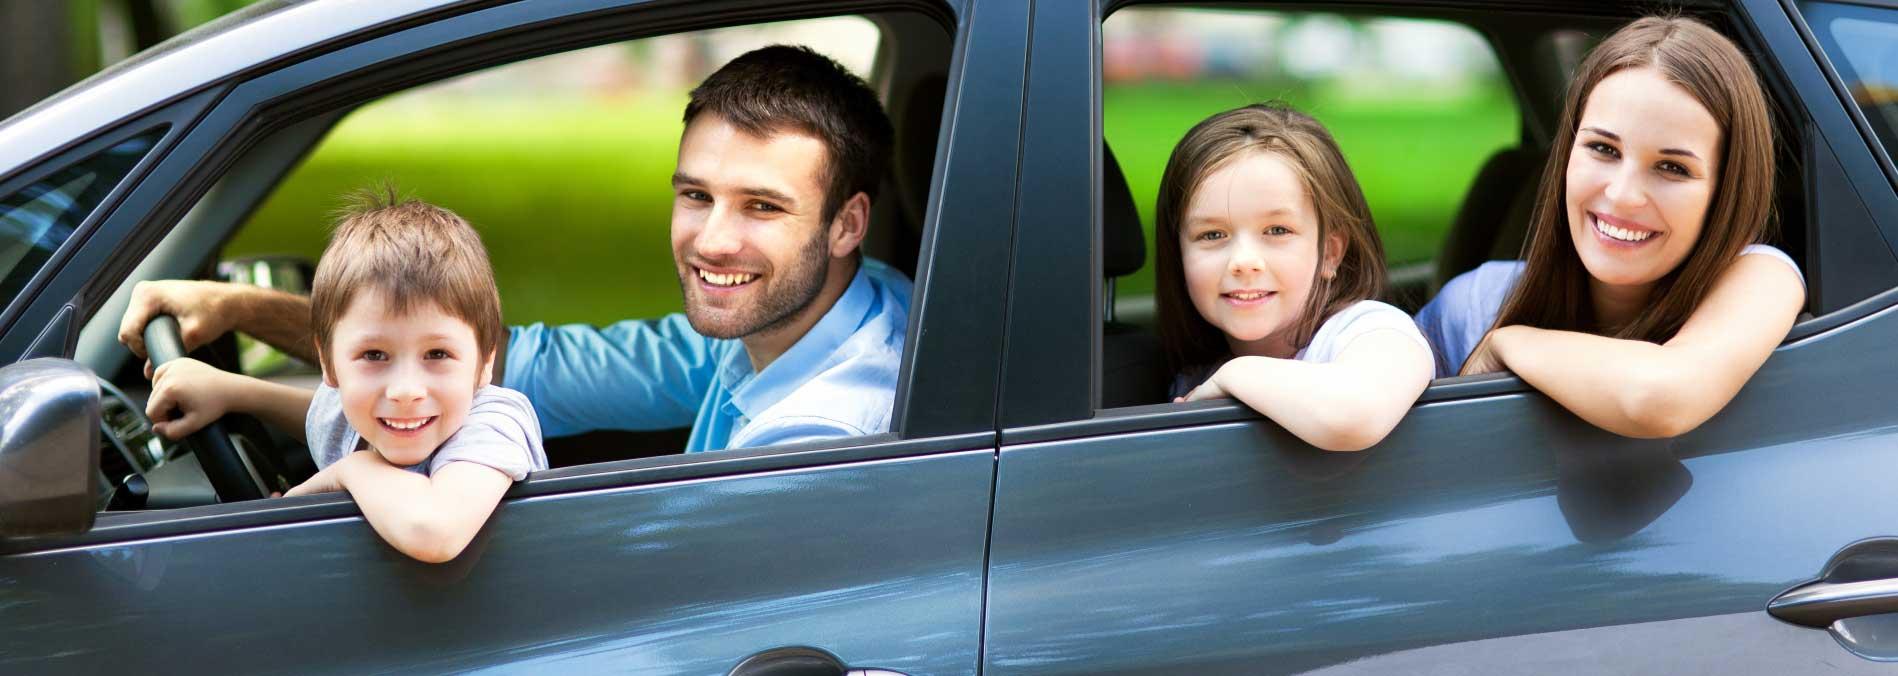 Seguros e Cia Bahia: Dicas para viajar de carro em seguranças